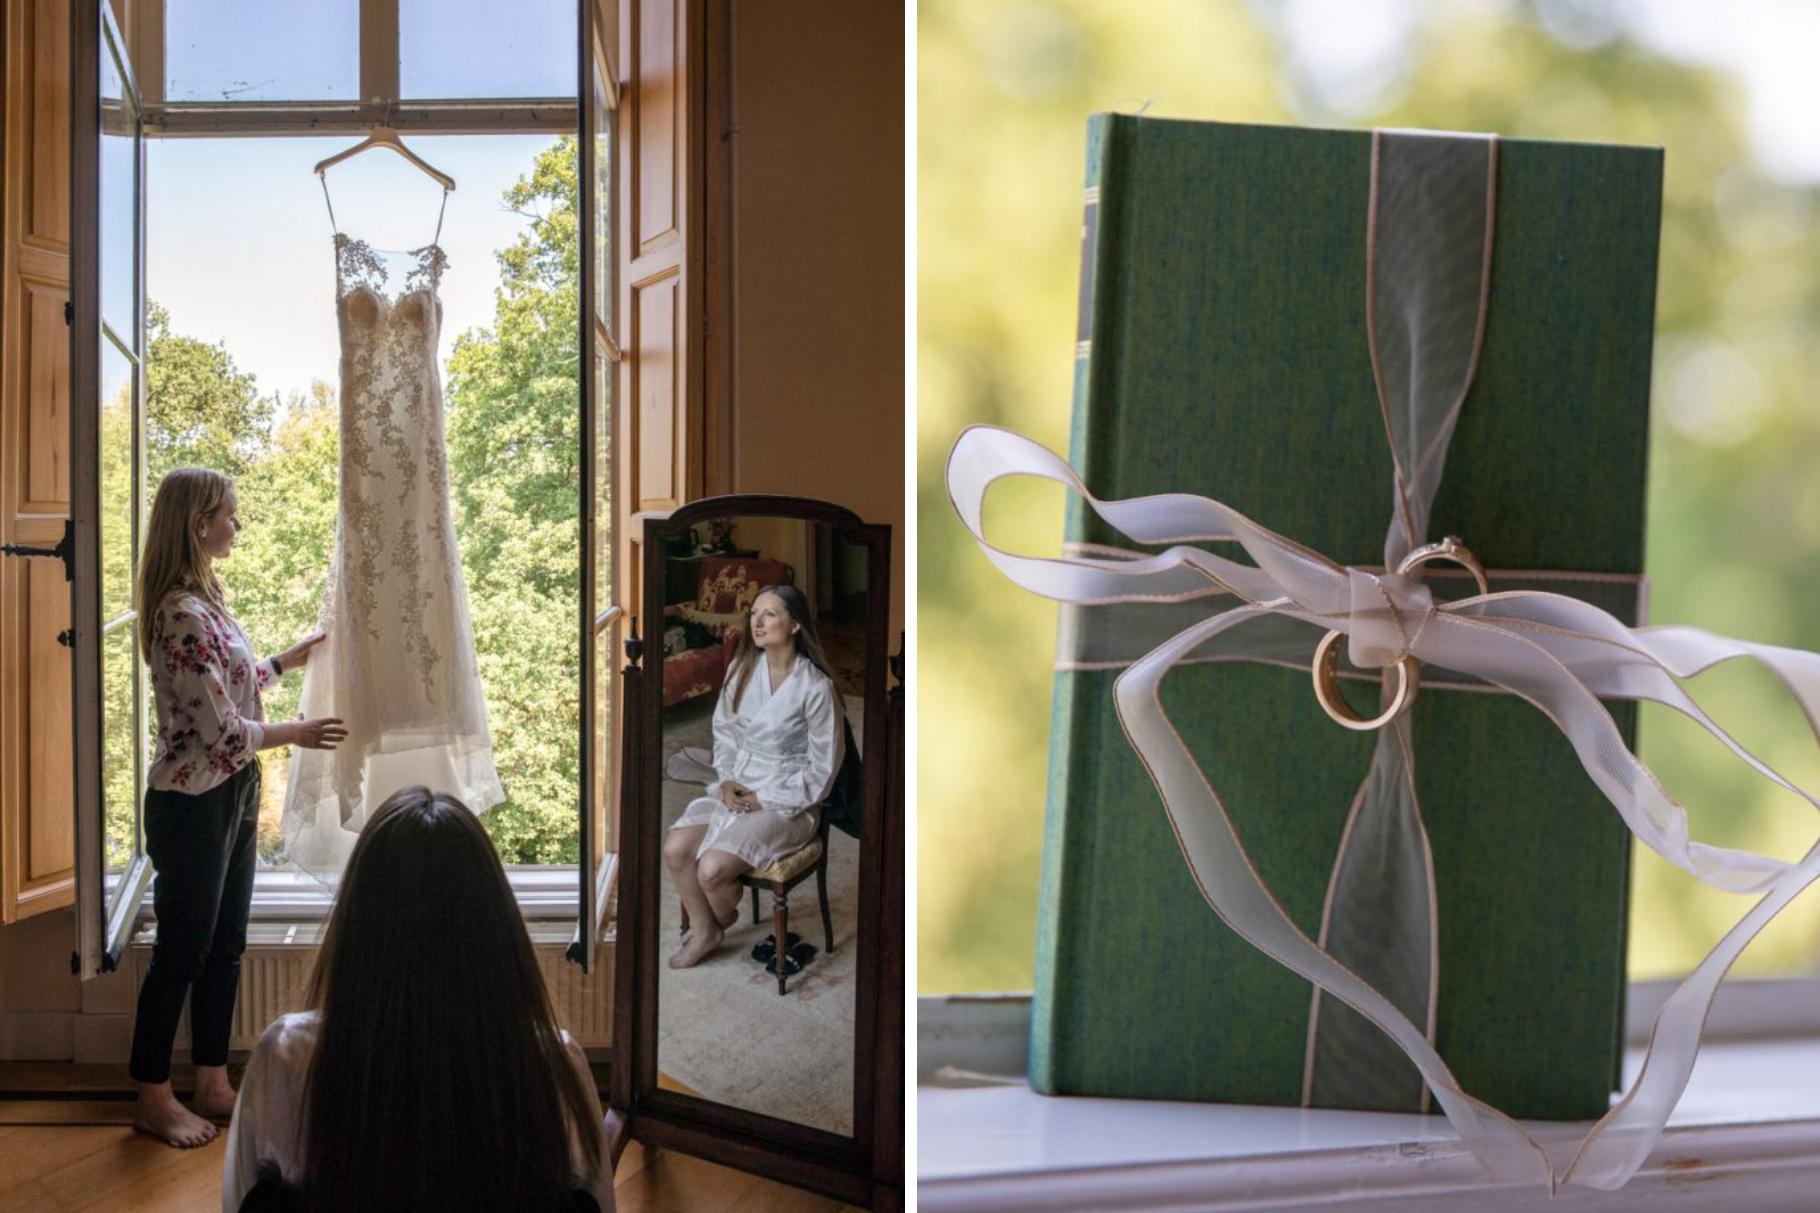 Visagie trouwfoto van de bruid.